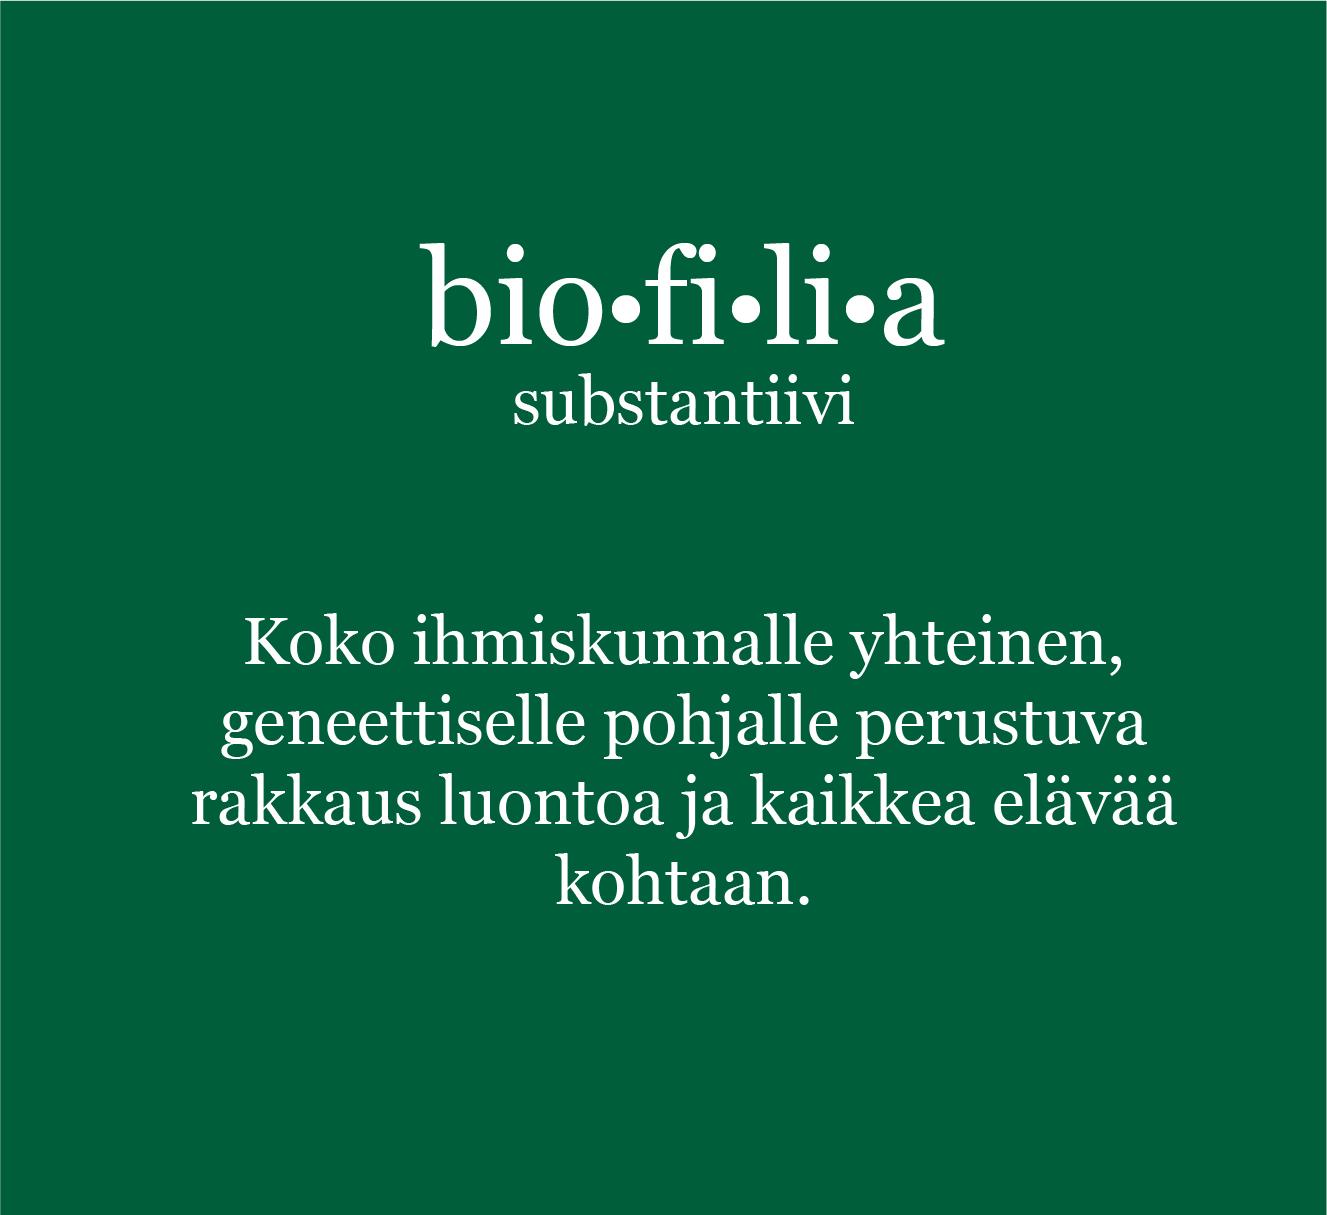 Biofilan määritelmä: koko ihmiskunnalle yhteinen, geneettiselle pohjalle perustava rakkaus luontoa ja kaikkea elävää kohtaan.